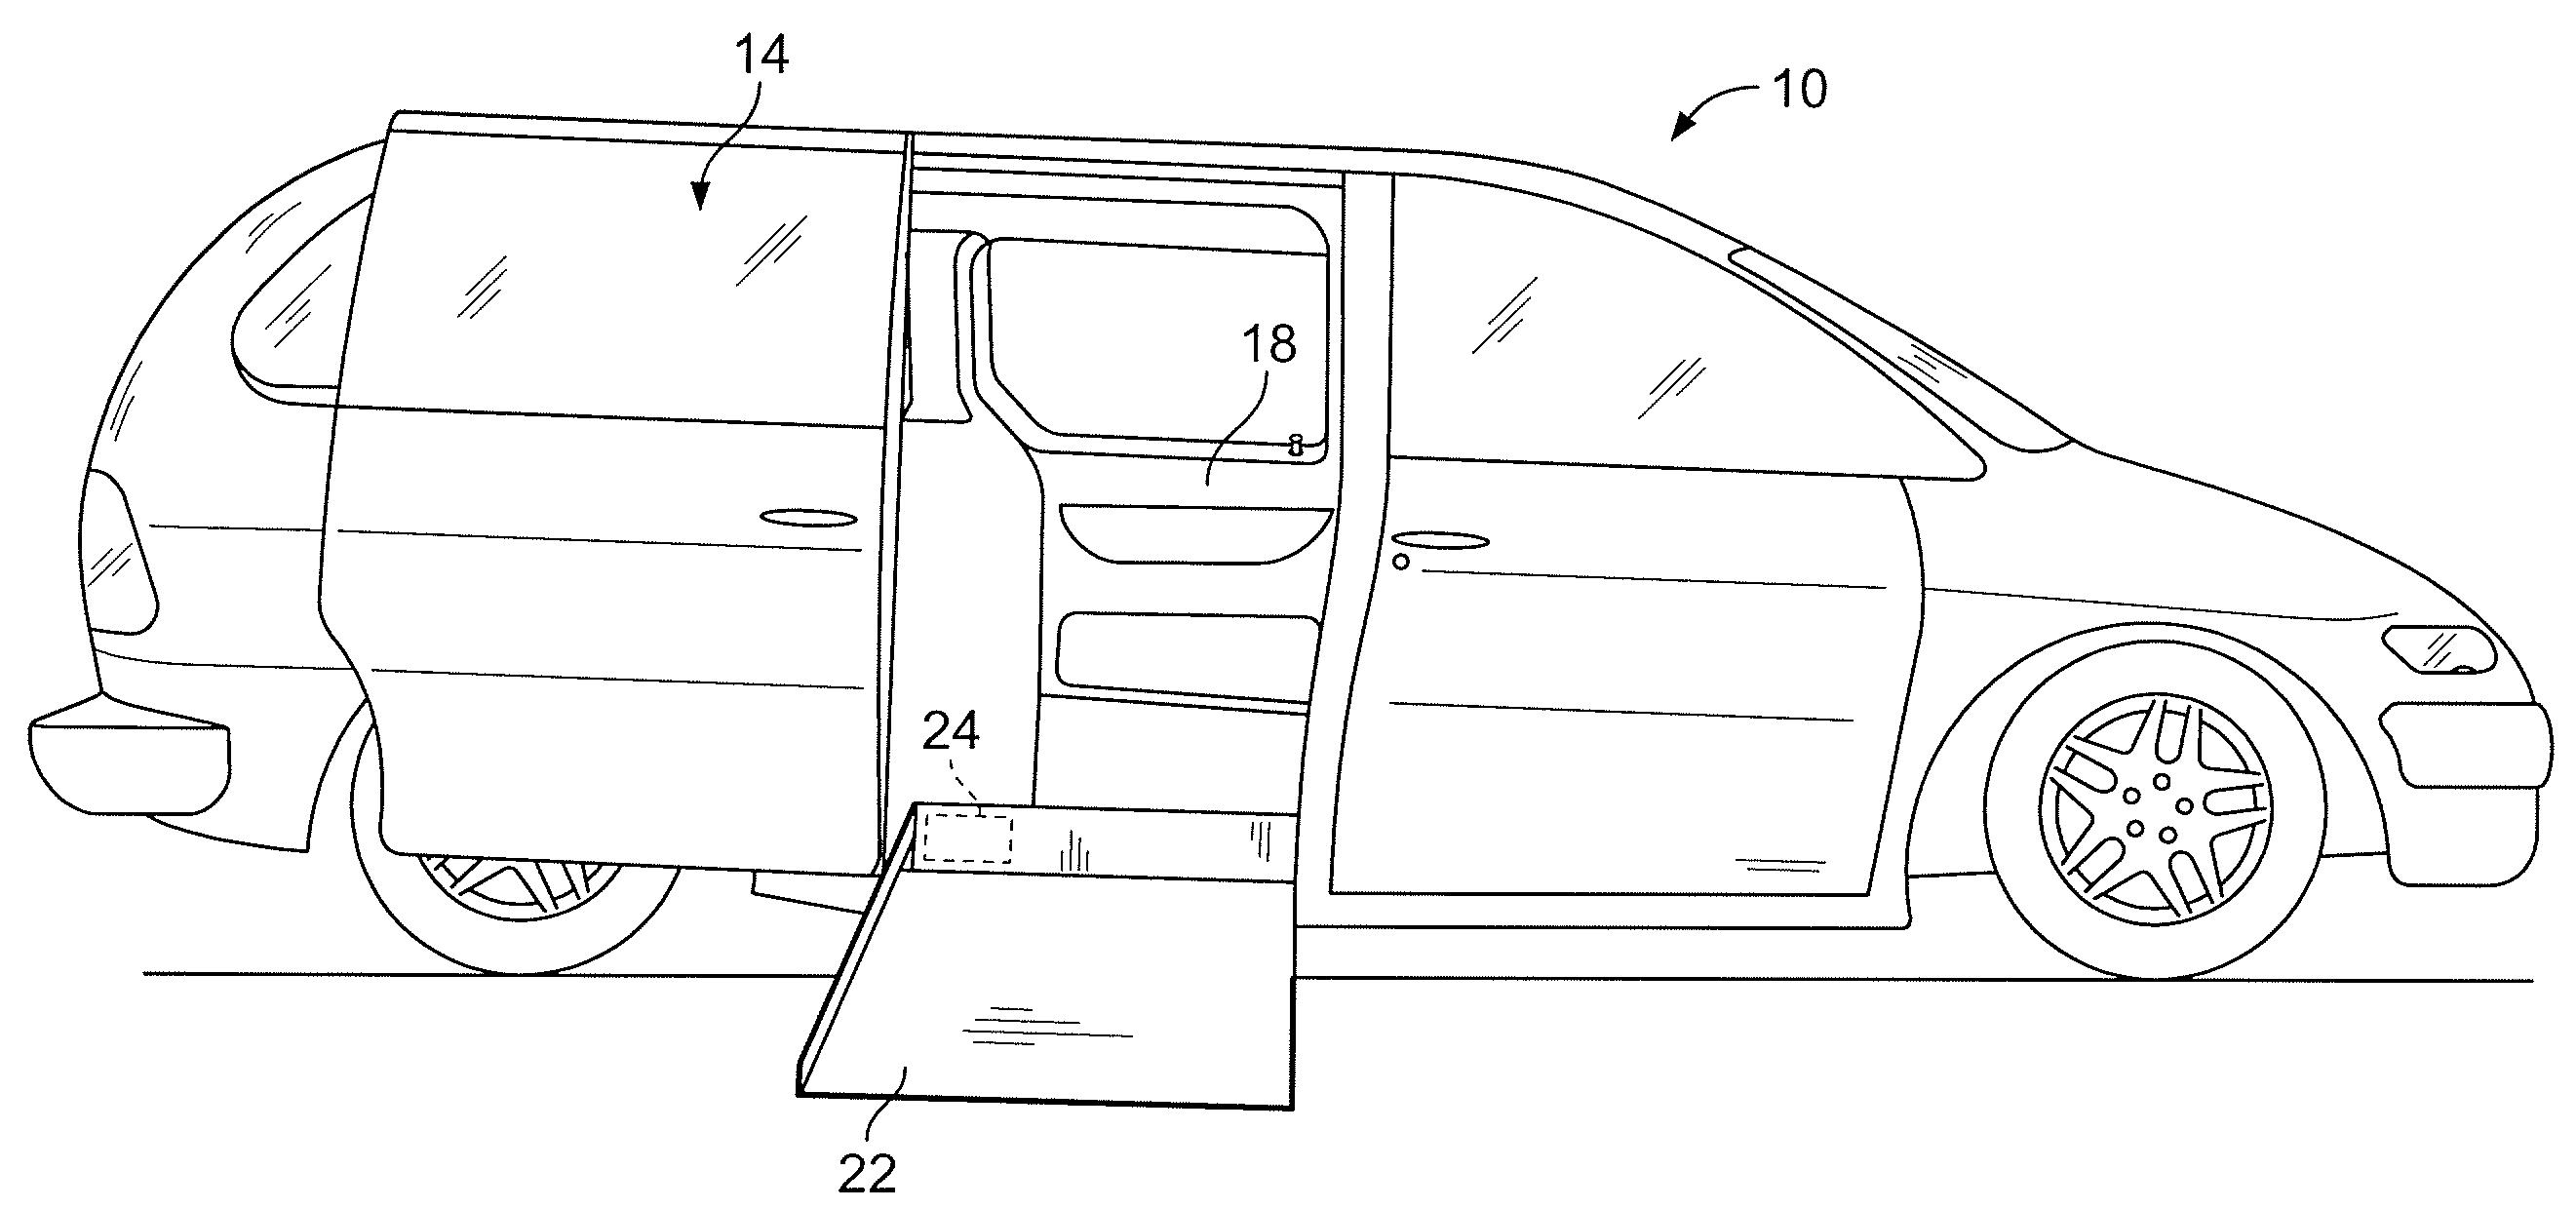 Minivan Minivan Drawing